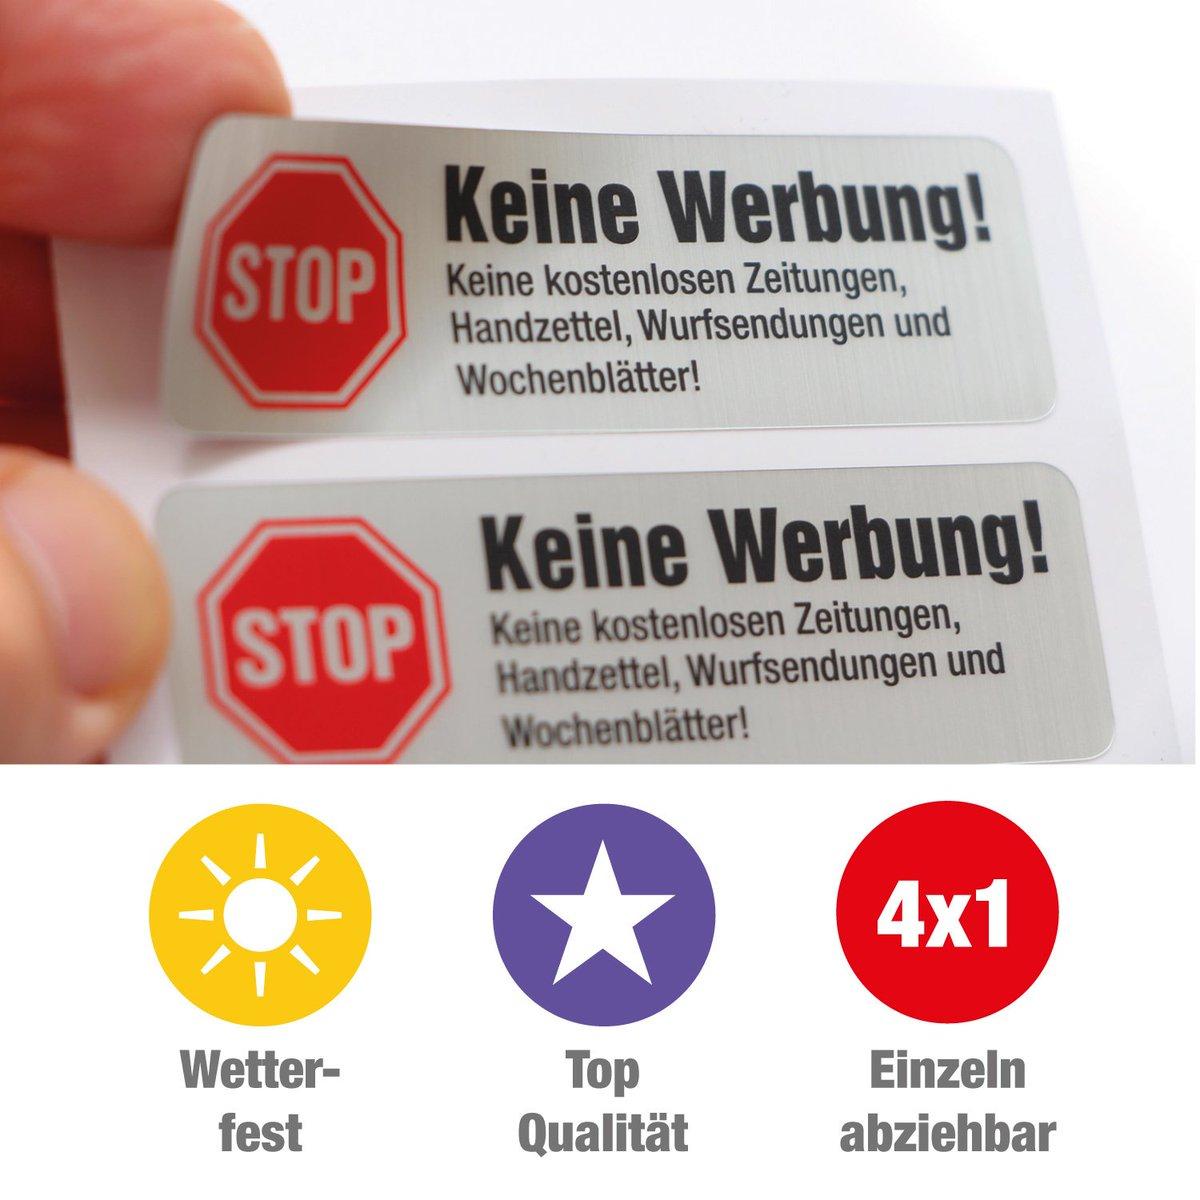 Immanuel Henne On Twitter Stop Briefkasten Werbung